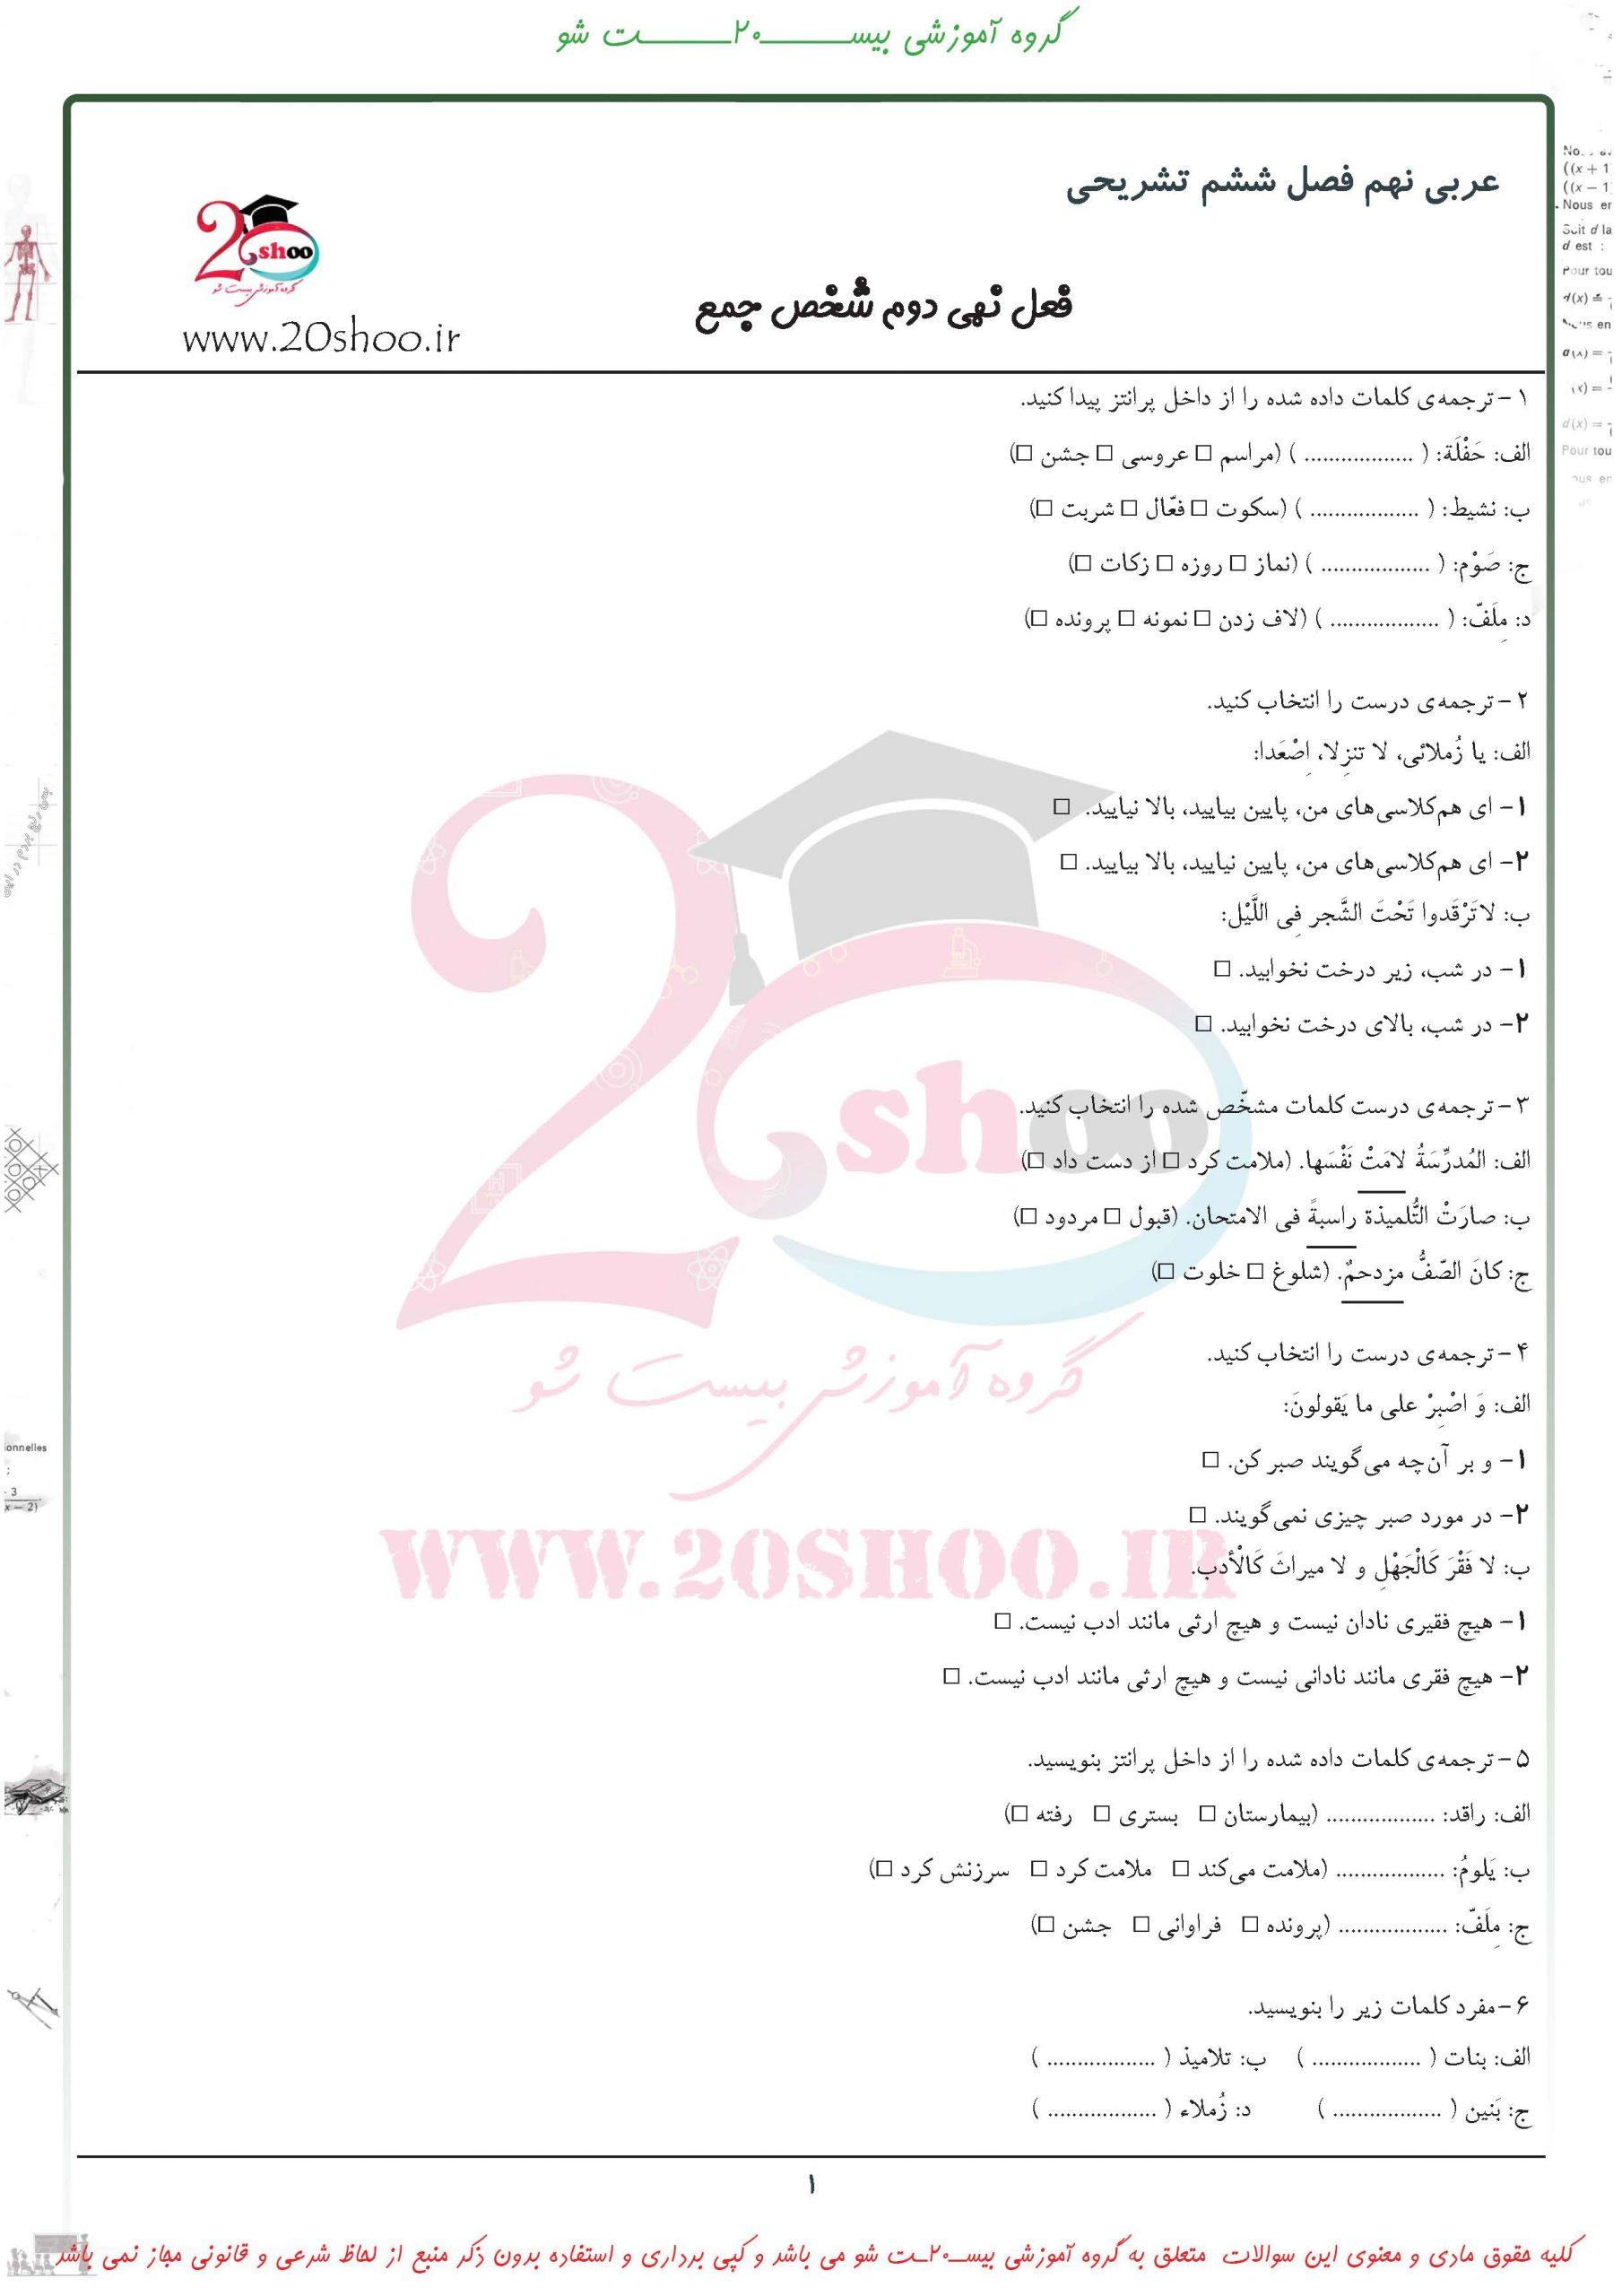 سوالات تشریحی عربی نهم فصل ششم با جواب